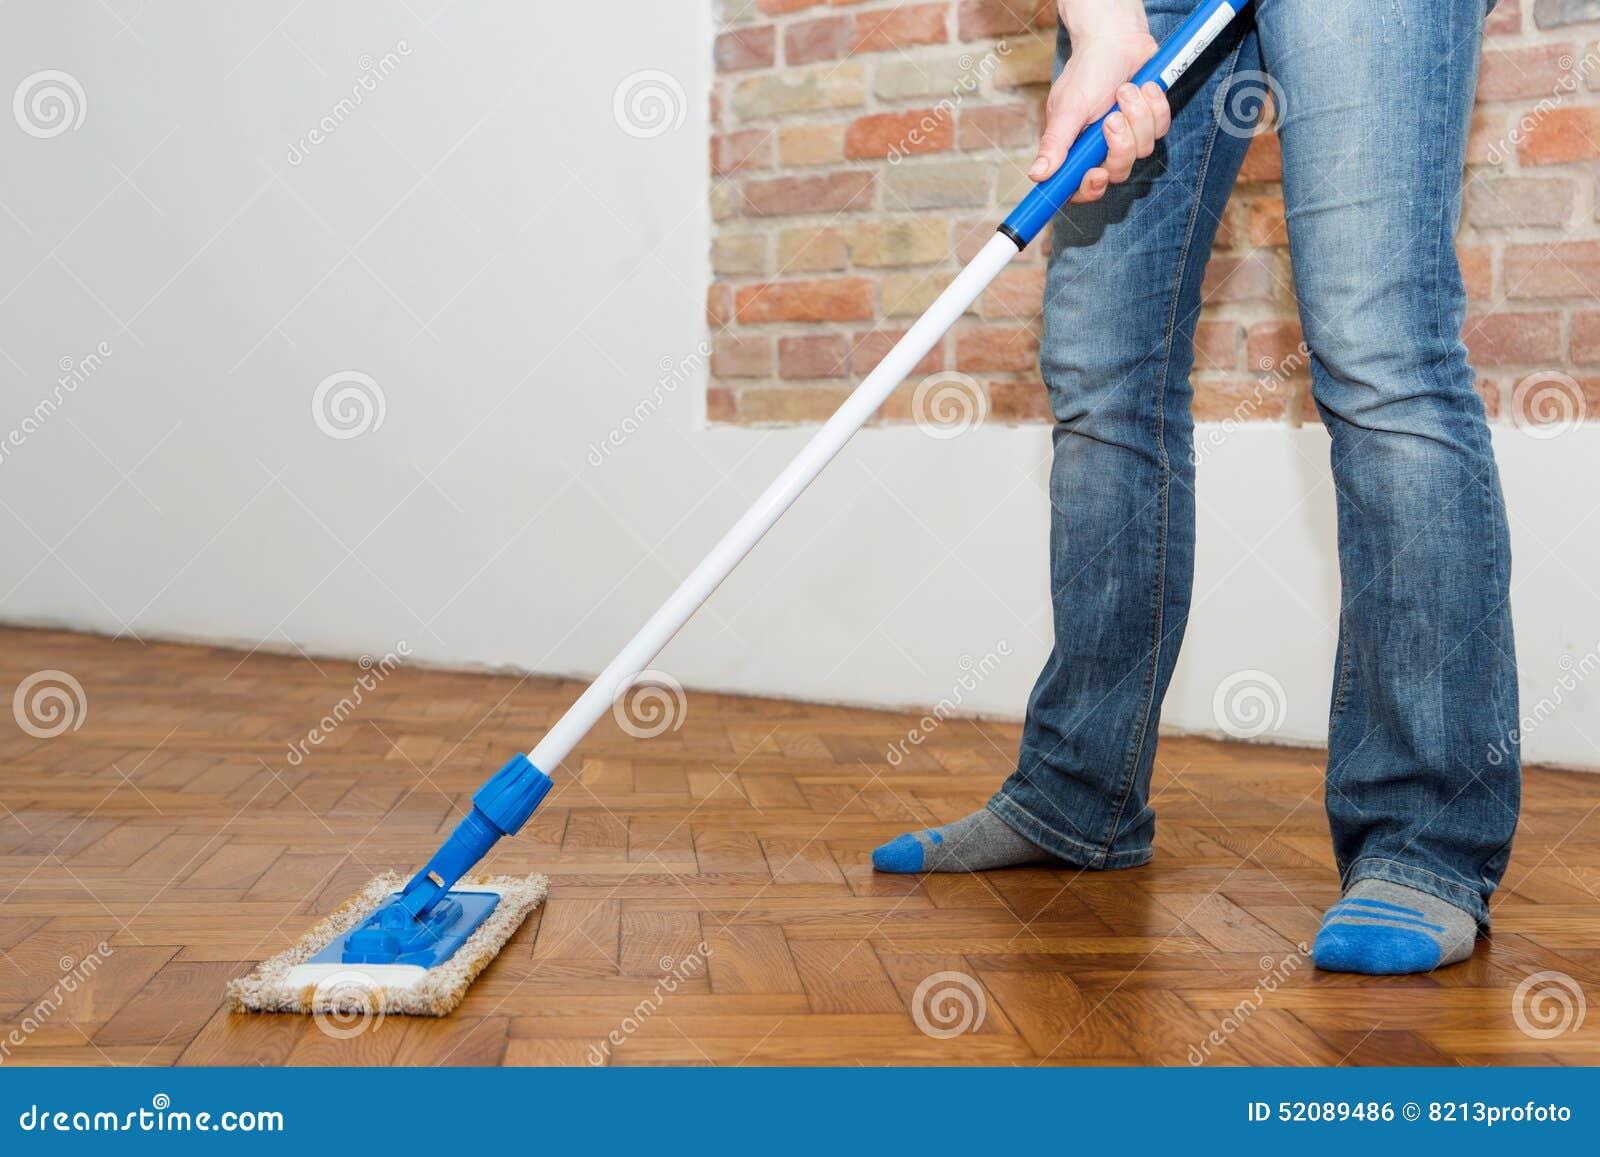 fb67b213ba09 Mop που καθαρίζει ένα ξύλινο πάτωμα Στοκ Εικόνες - εικόνα από ...